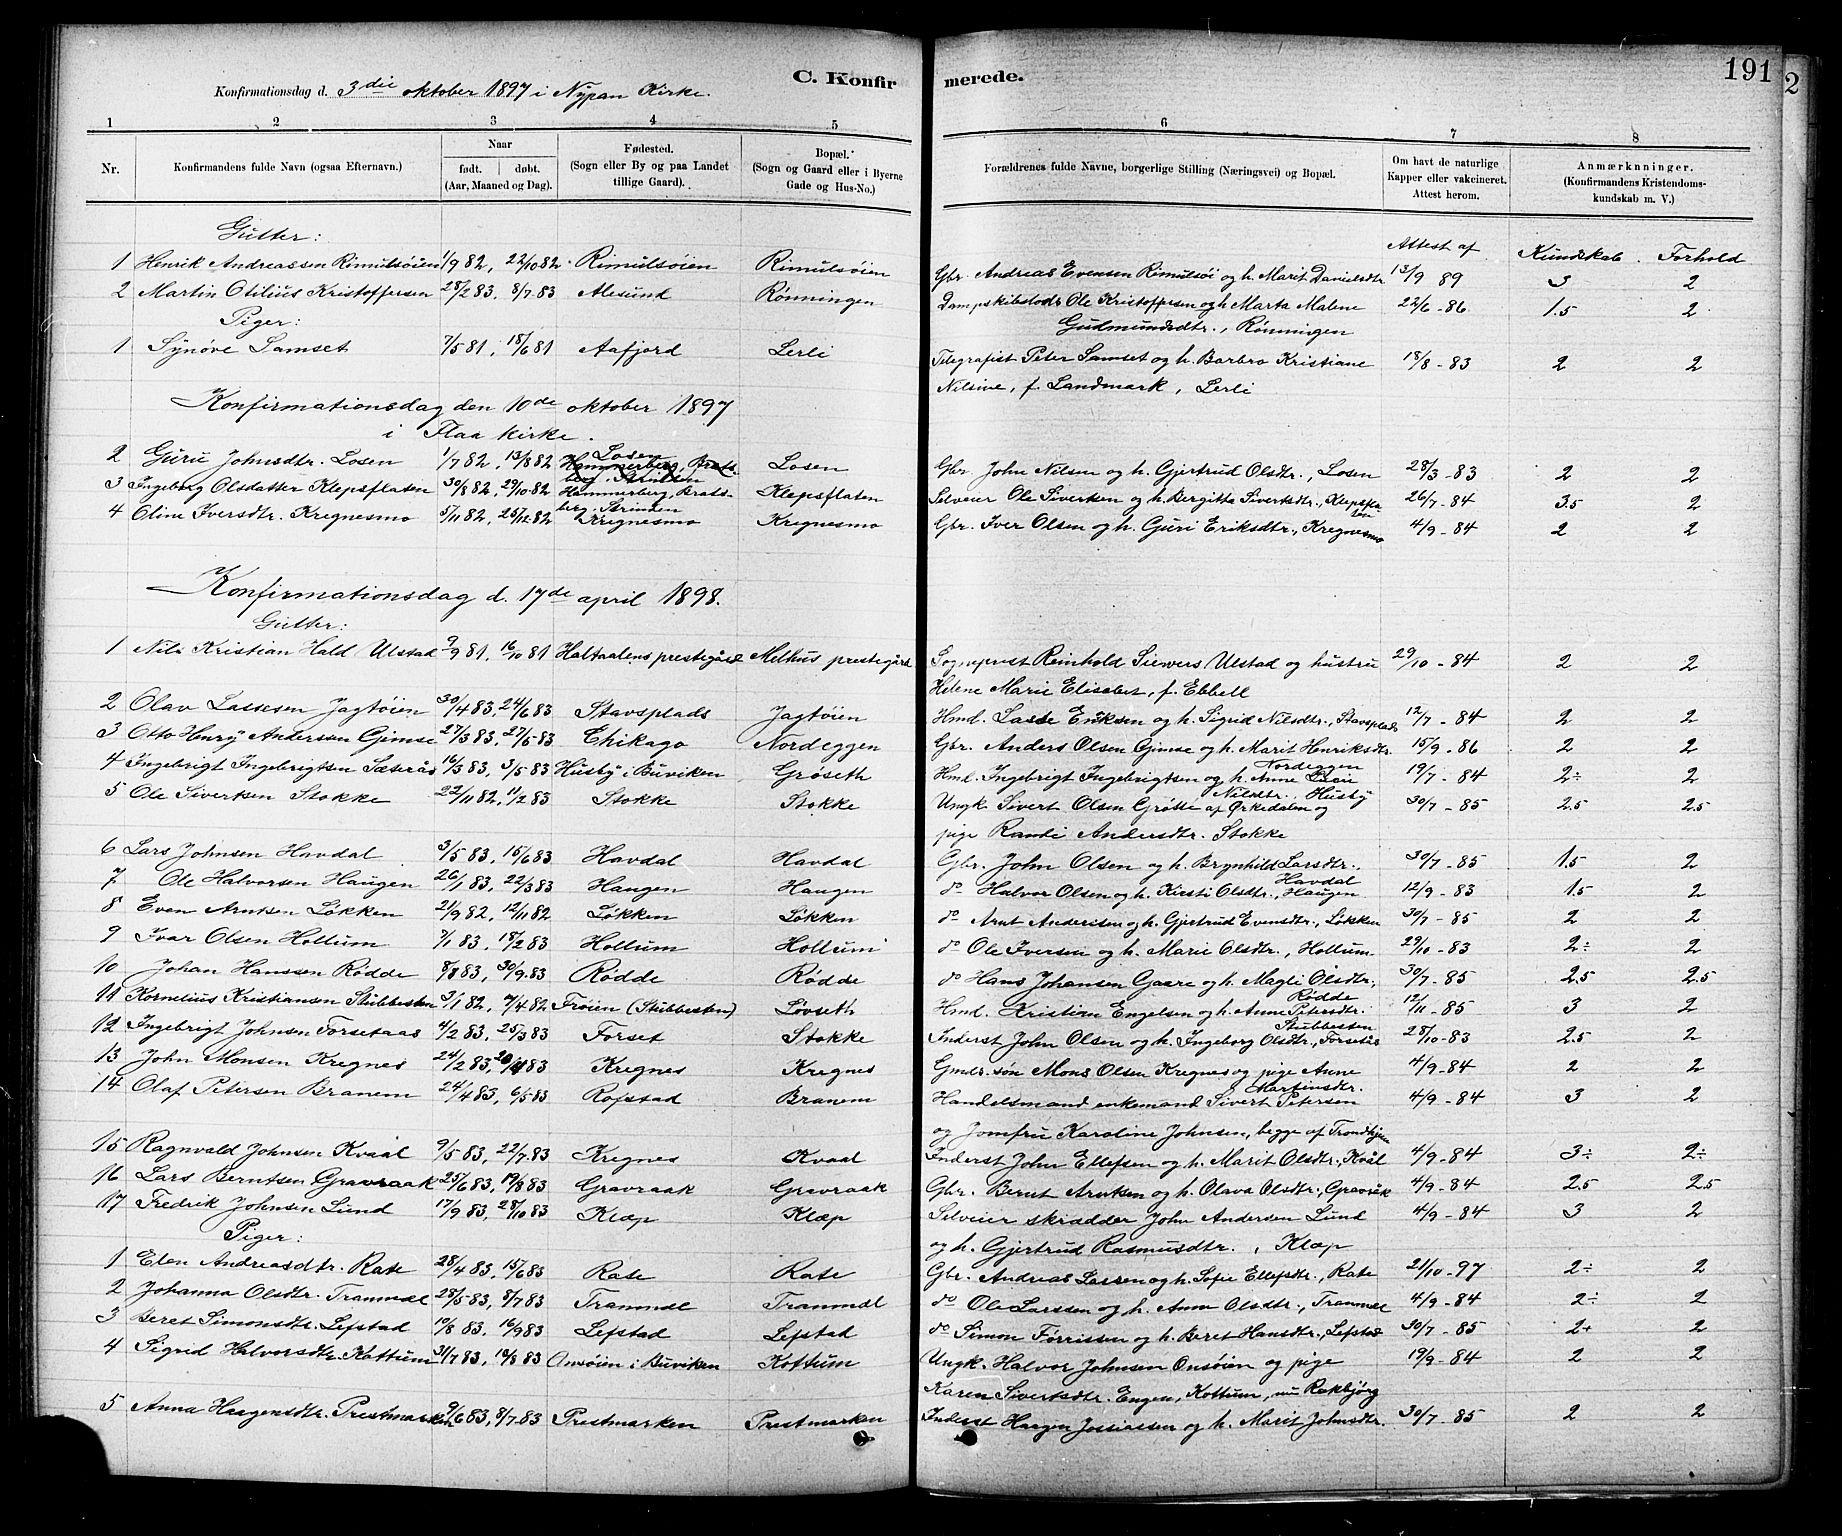 SAT, Ministerialprotokoller, klokkerbøker og fødselsregistre - Sør-Trøndelag, 691/L1094: Klokkerbok nr. 691C05, 1879-1911, s. 191